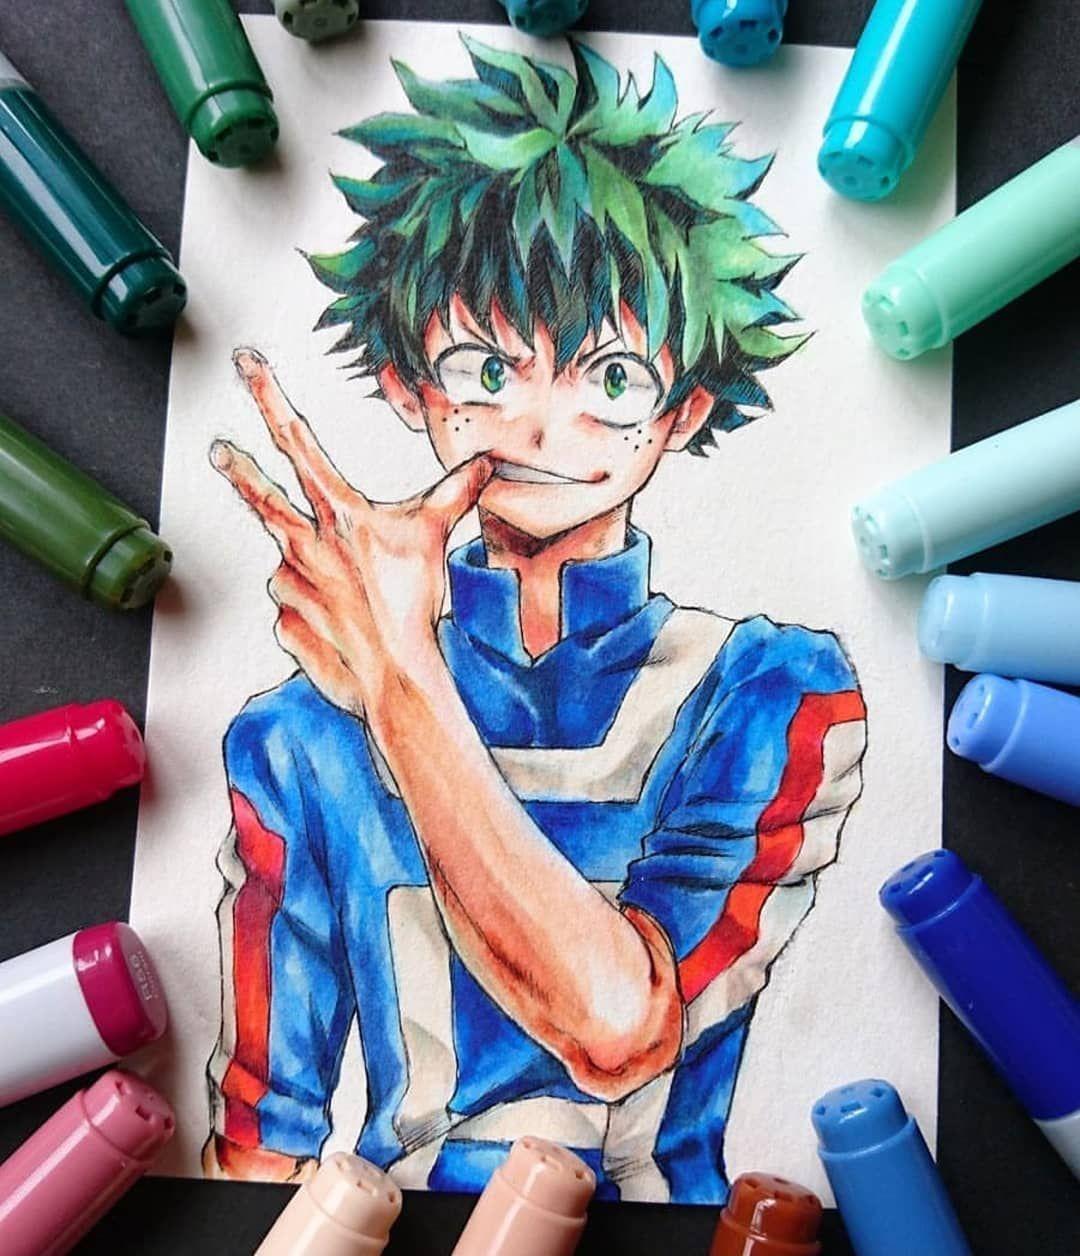 Izuku Midoriya My Hero Academia Copic Artwork From